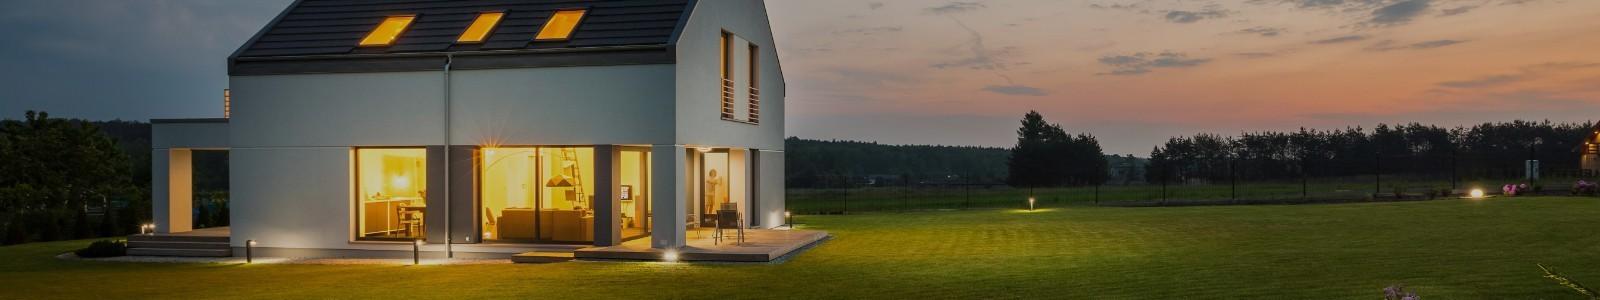 Projekty Domów Tanich W Budowie | Projekty, Kosztorys